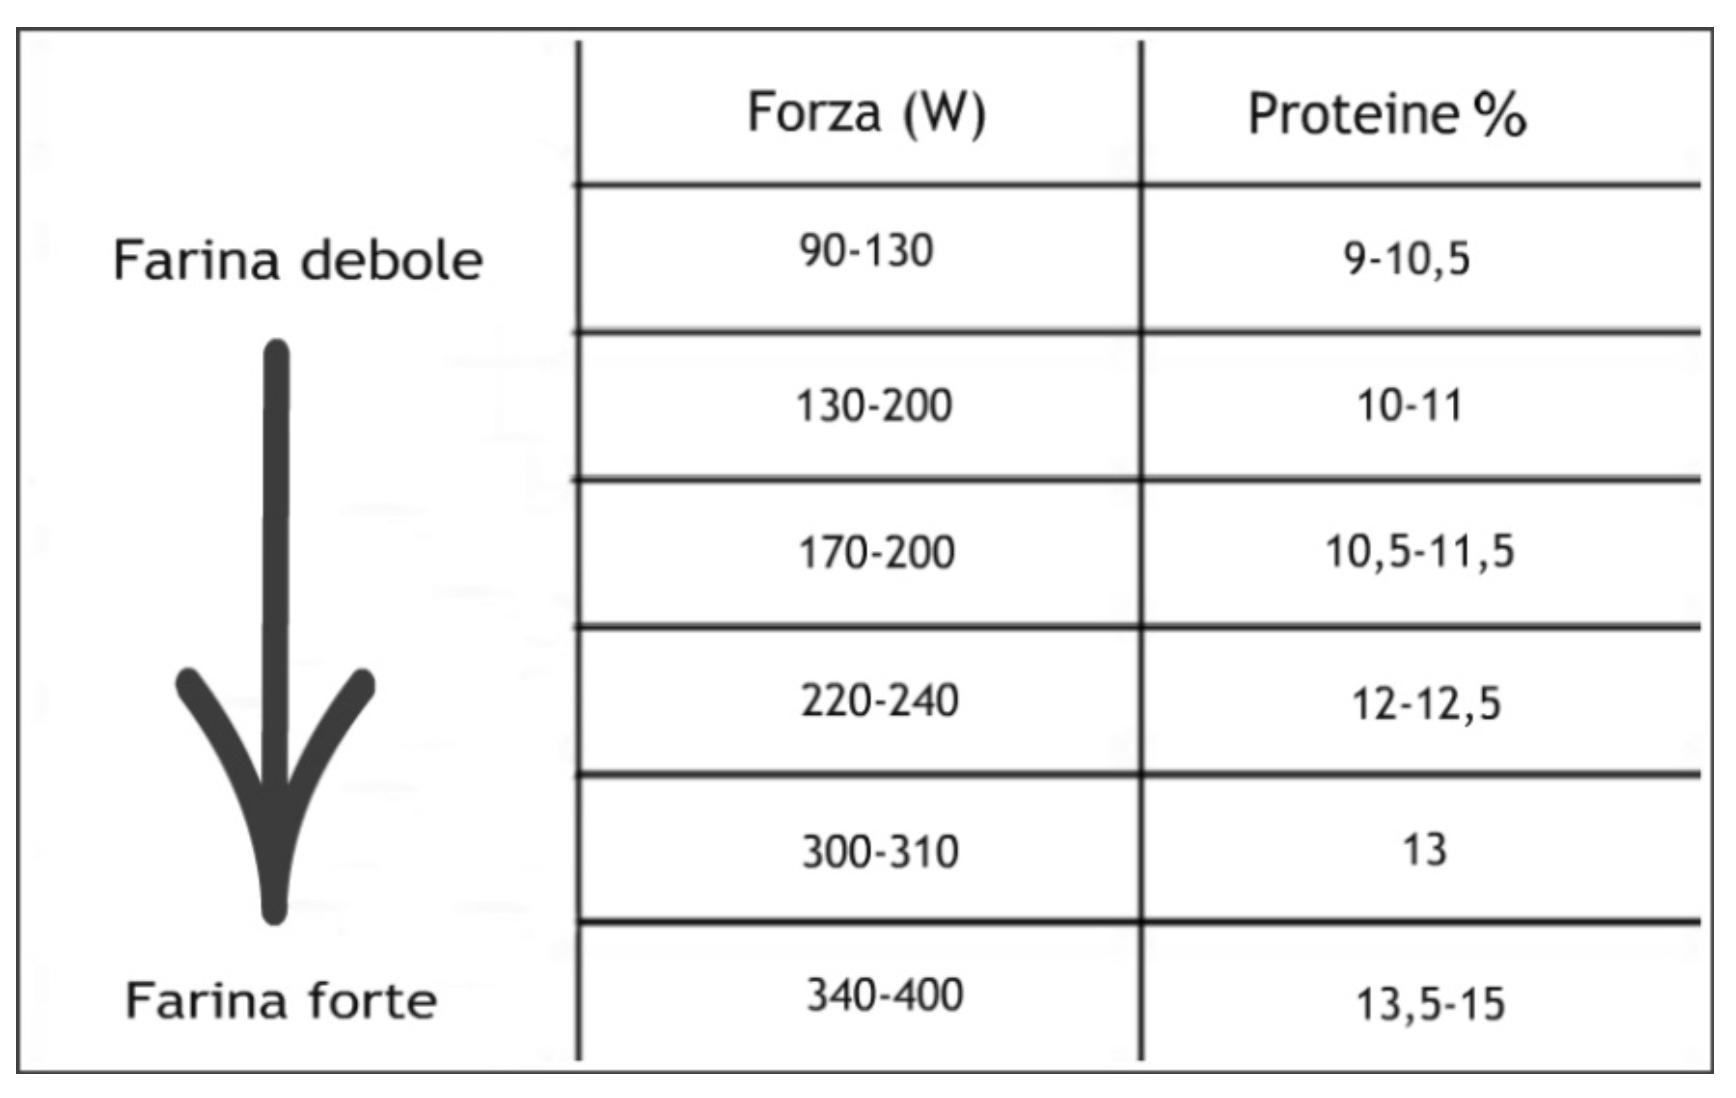 Forza e proteine delle farine di grano tenero